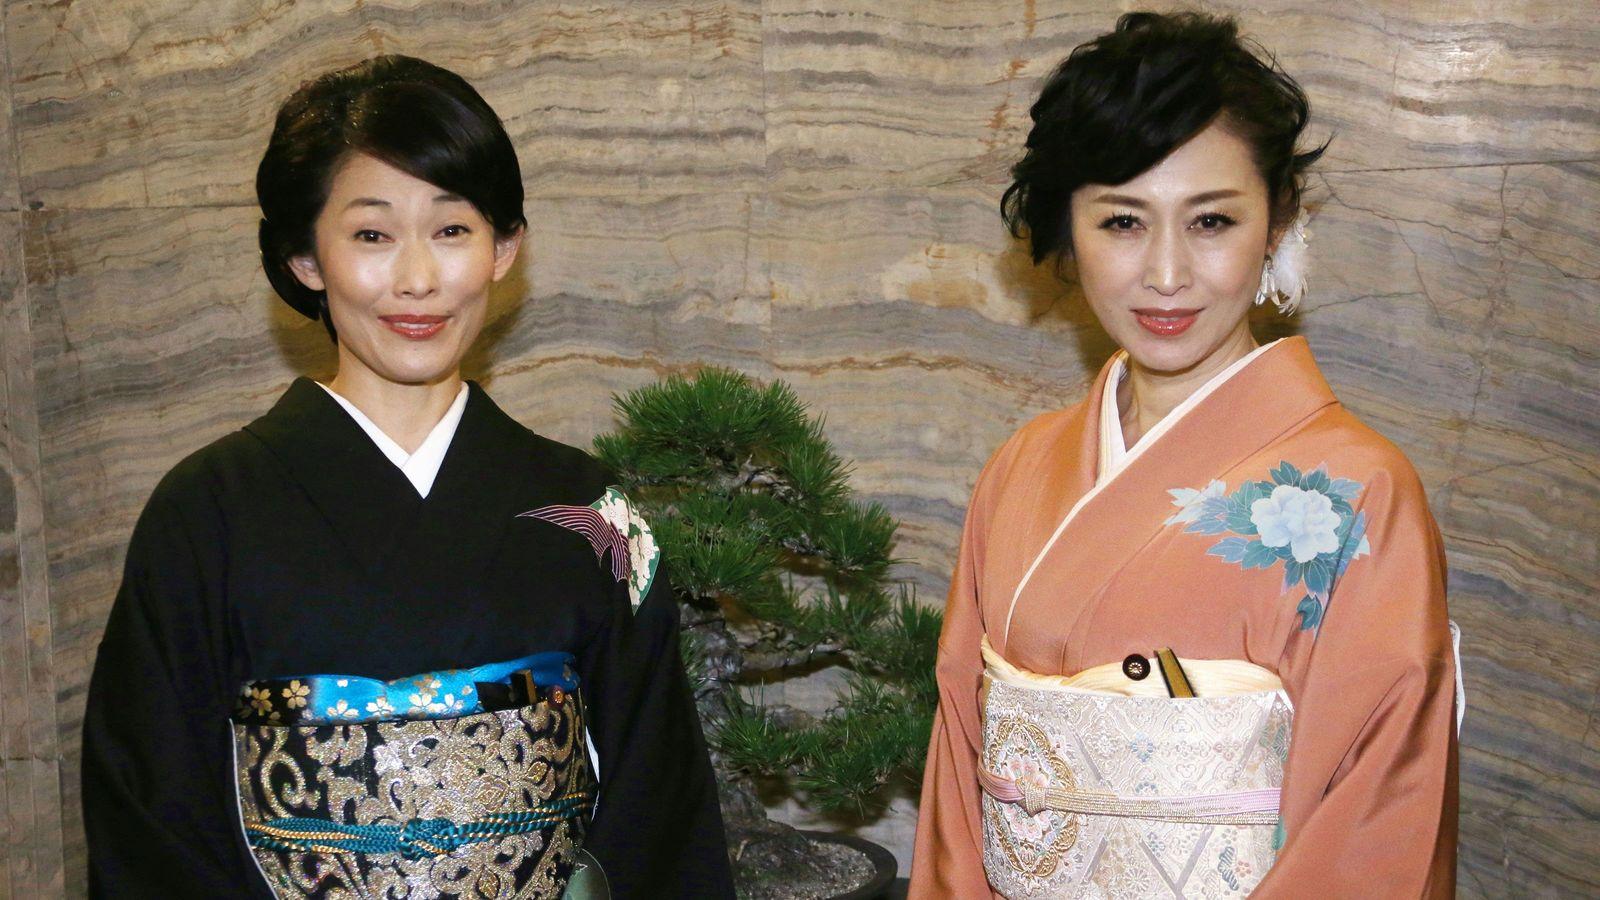 内閣改造「小泉進次郎×、三原じゅん子◎」の裏 「誰も知らない顔」の新入閣が大半に